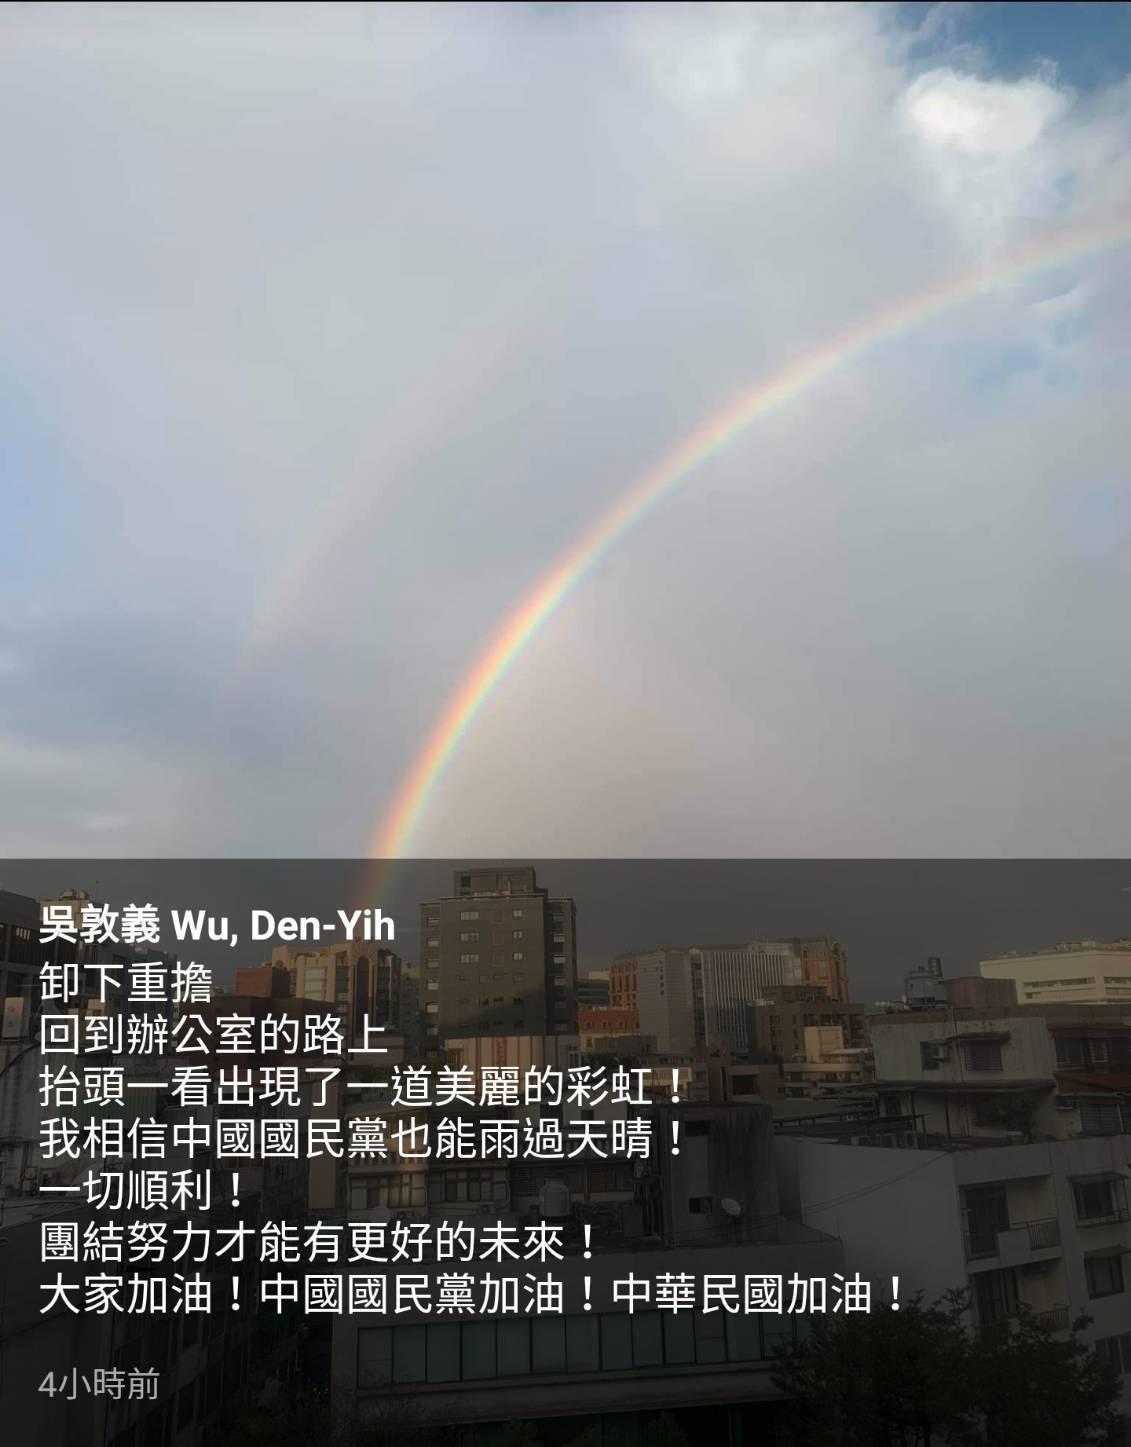 國民黨主席吳敦義在臉書貼上一張彩虹照,盼國民黨能雨過天晴。圖/翻攝吳敦義臉書